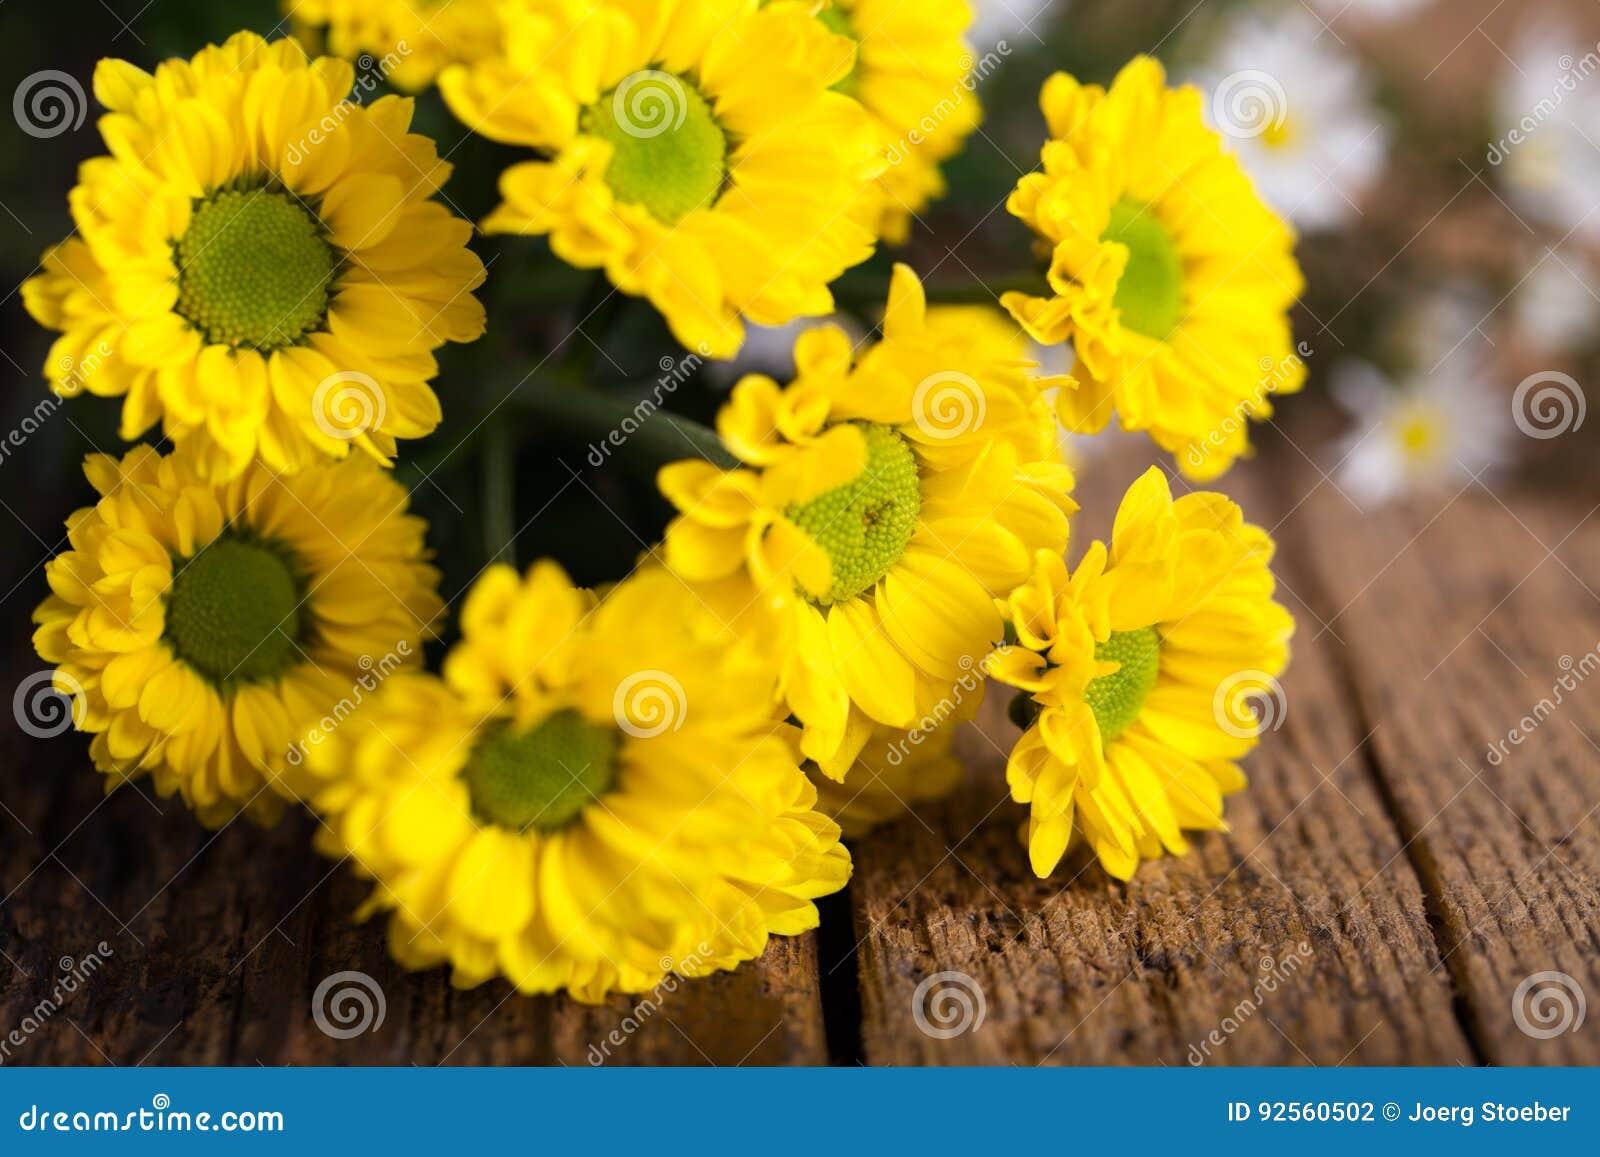 Fiori gialli su legno